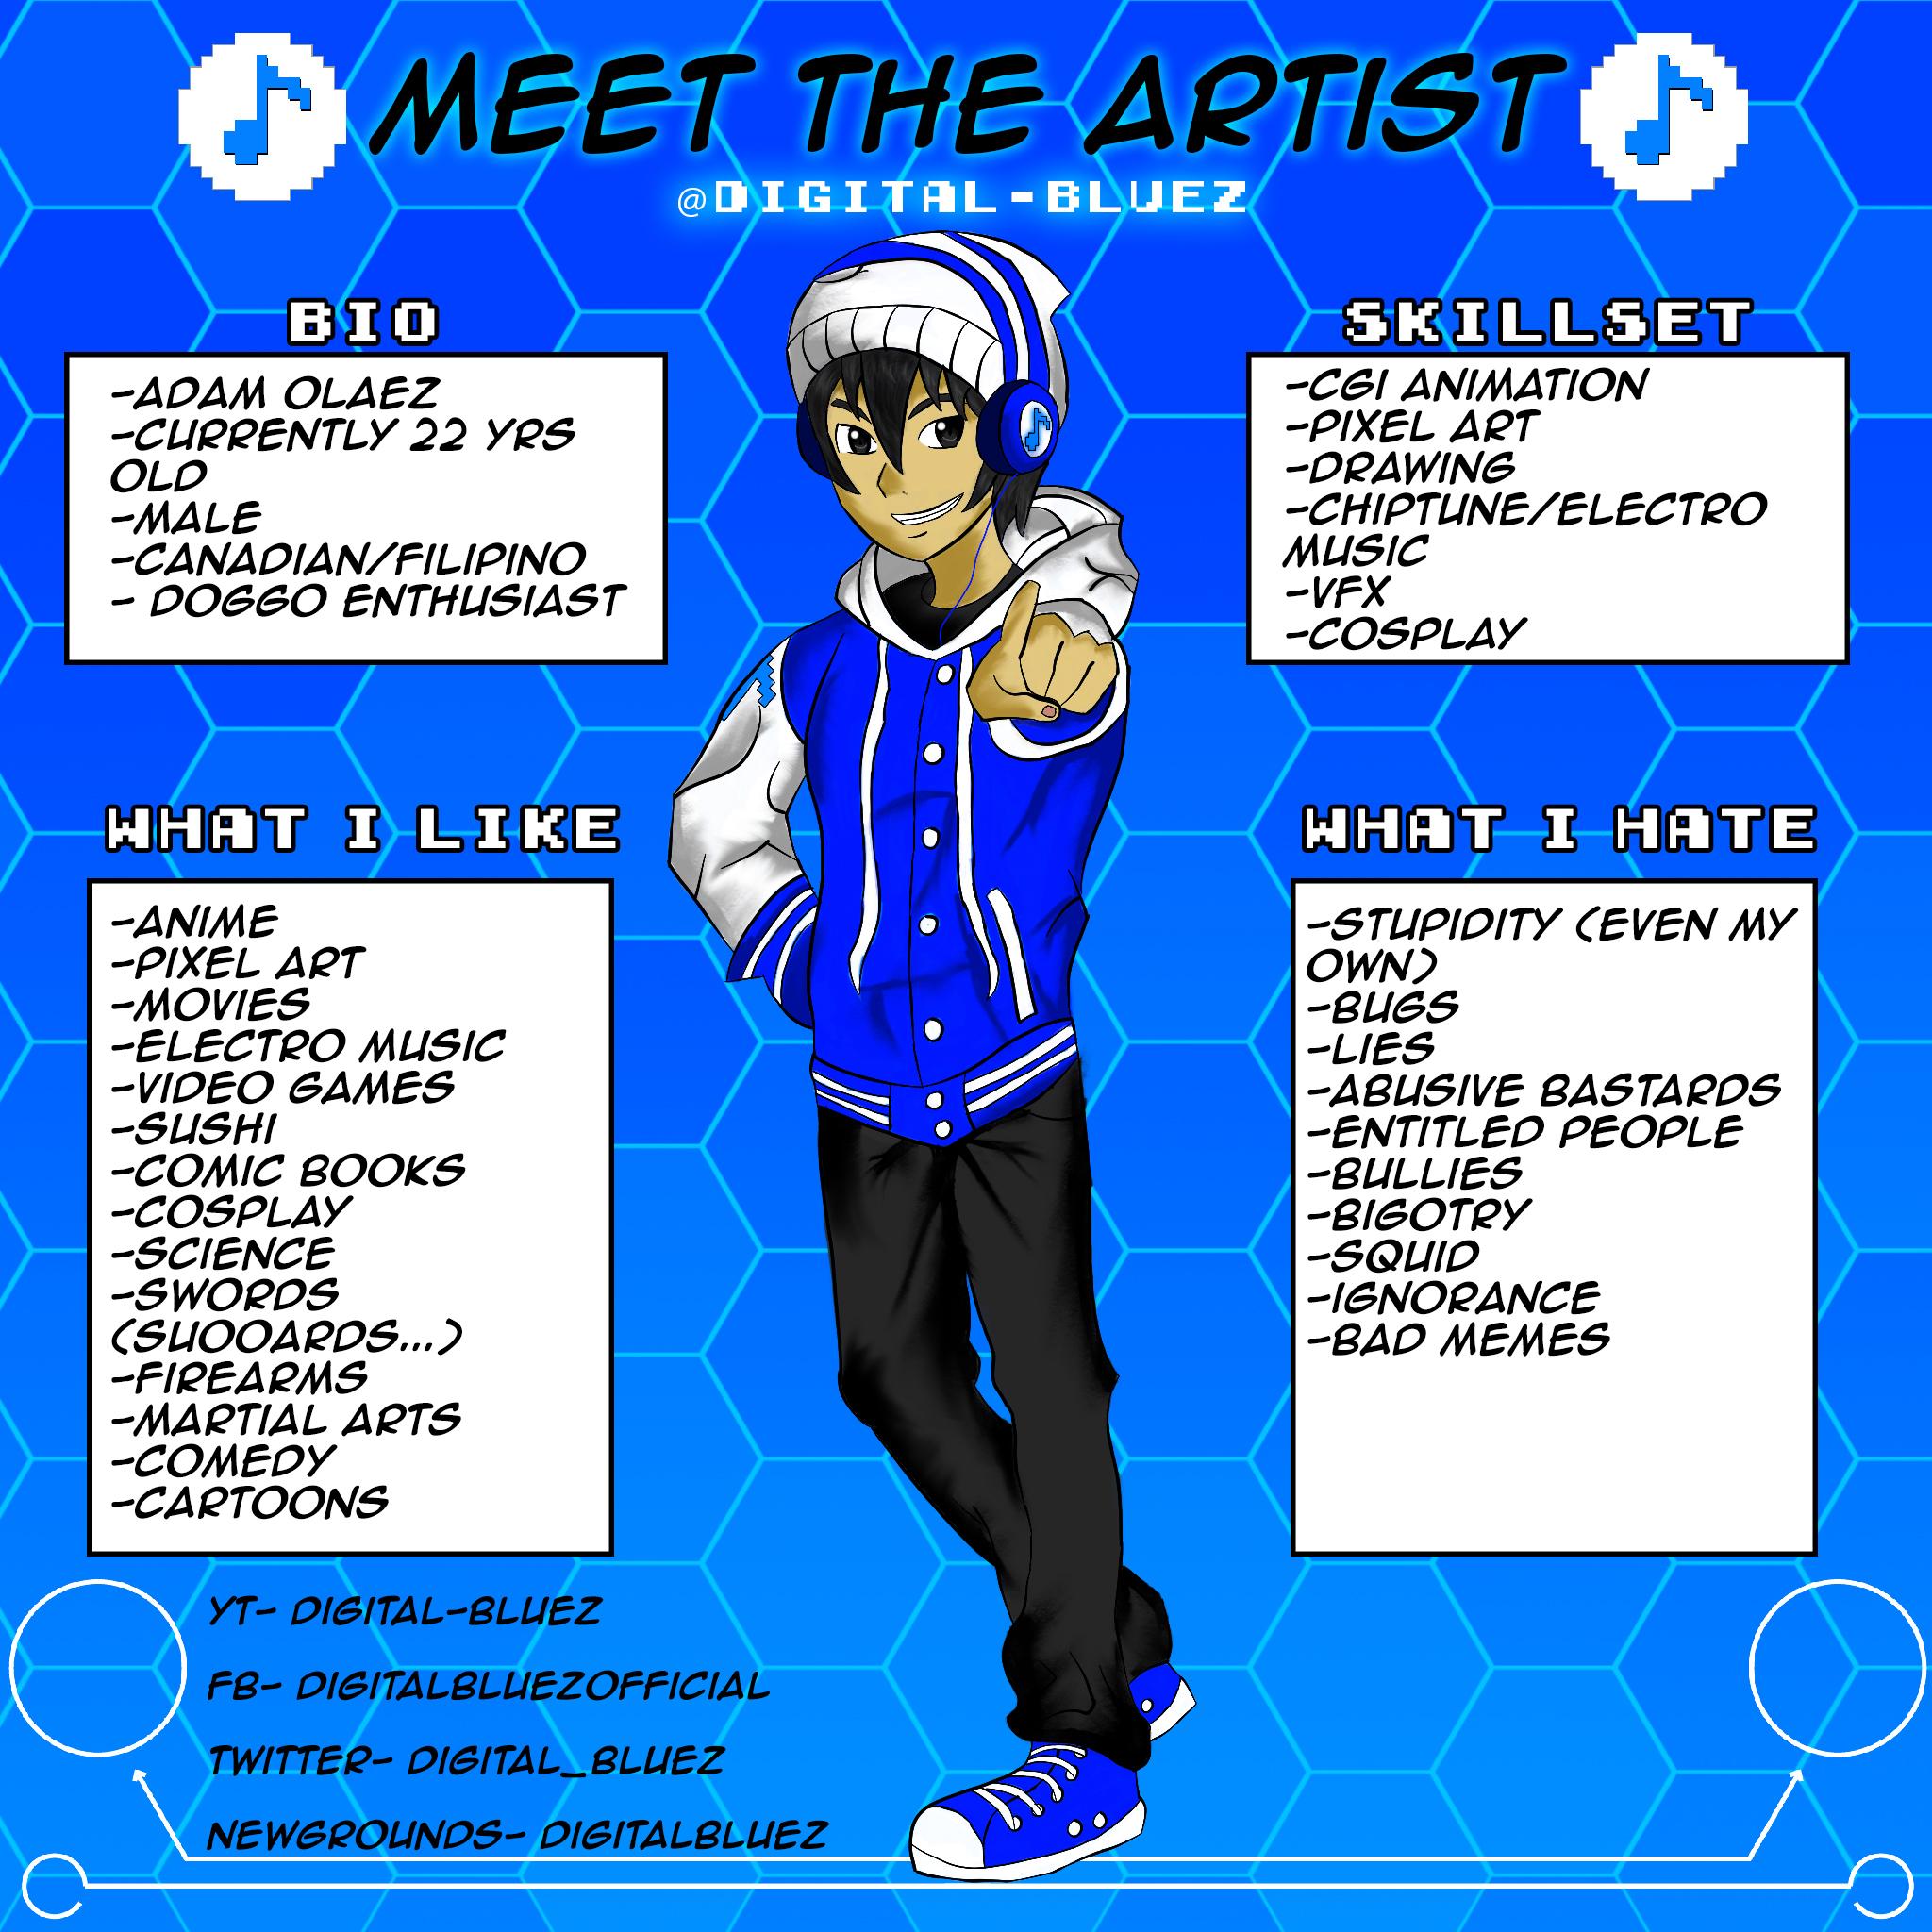 Meet the Artist: Digital-Bluez